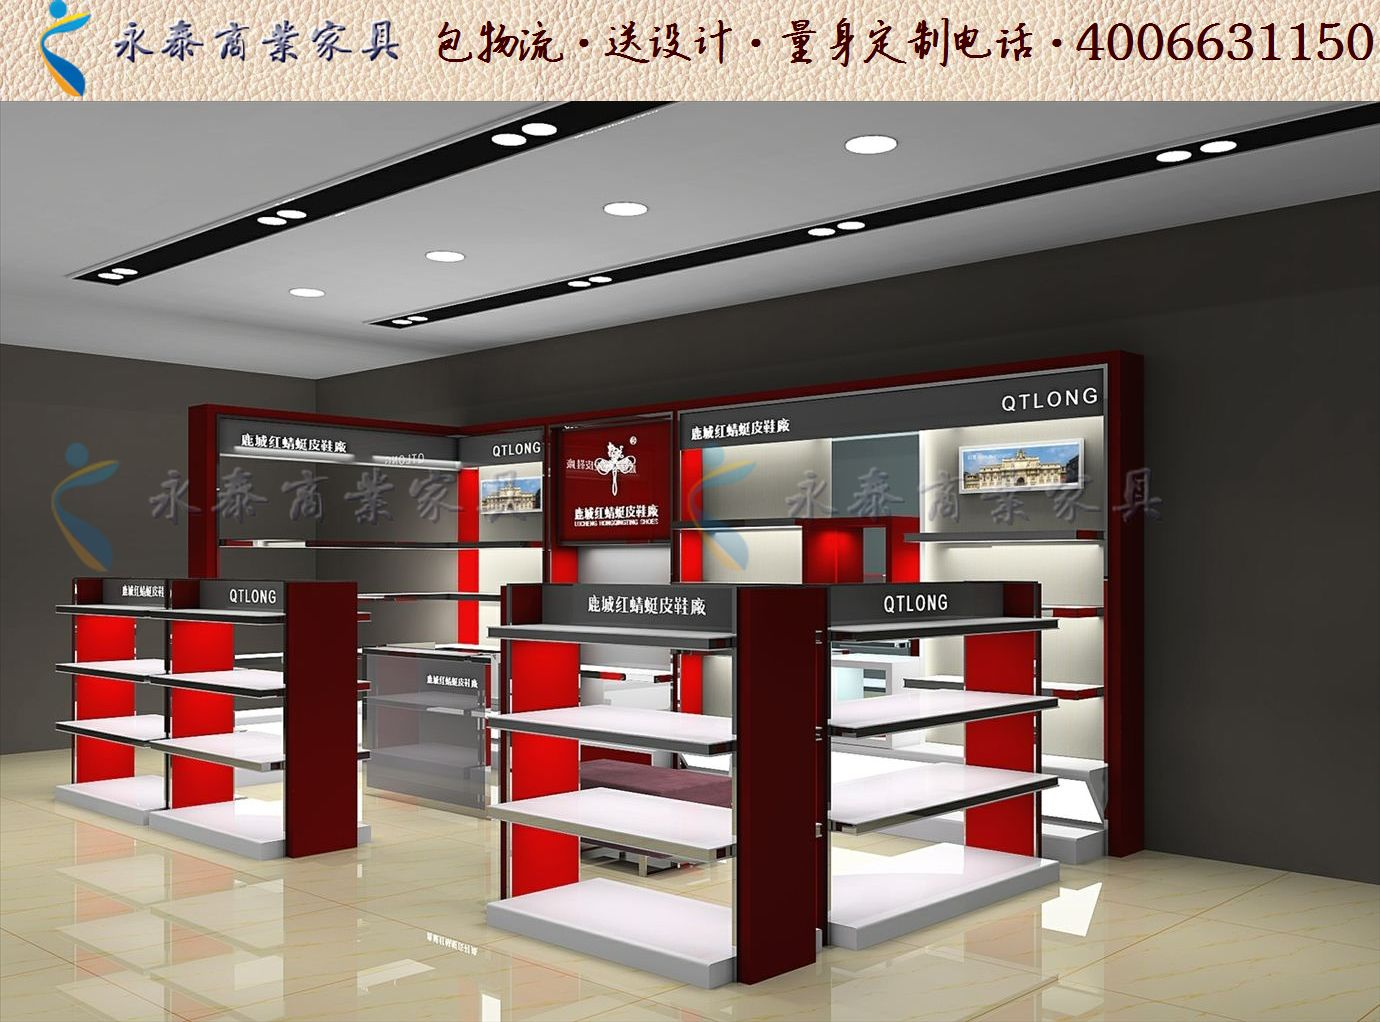 个性鞋店装修效果图大全时尚女鞋店装修货架展示柜1209